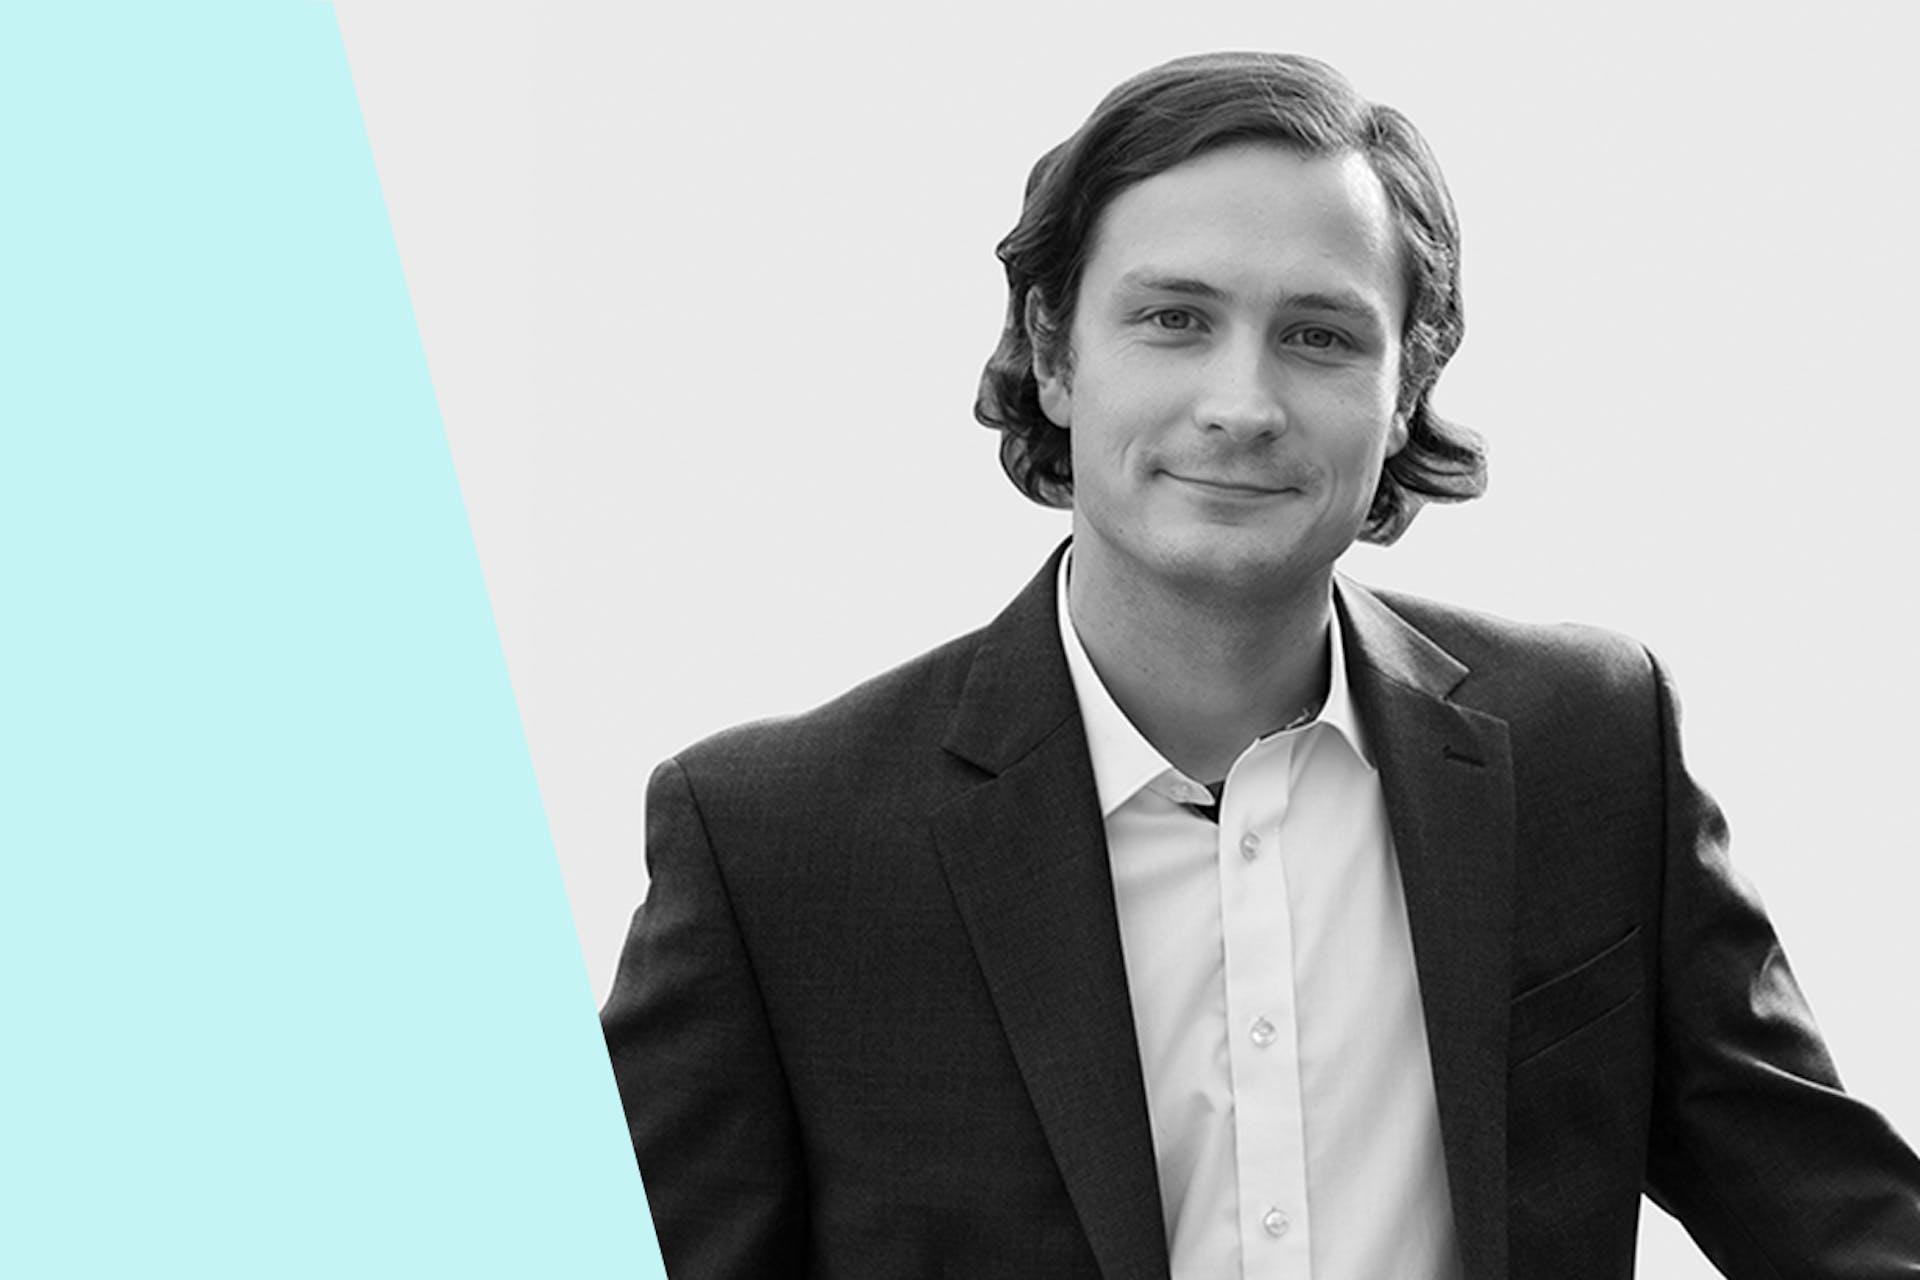 Digimarkkinoinnin trendit -webinaarin puhuja Joel Mero